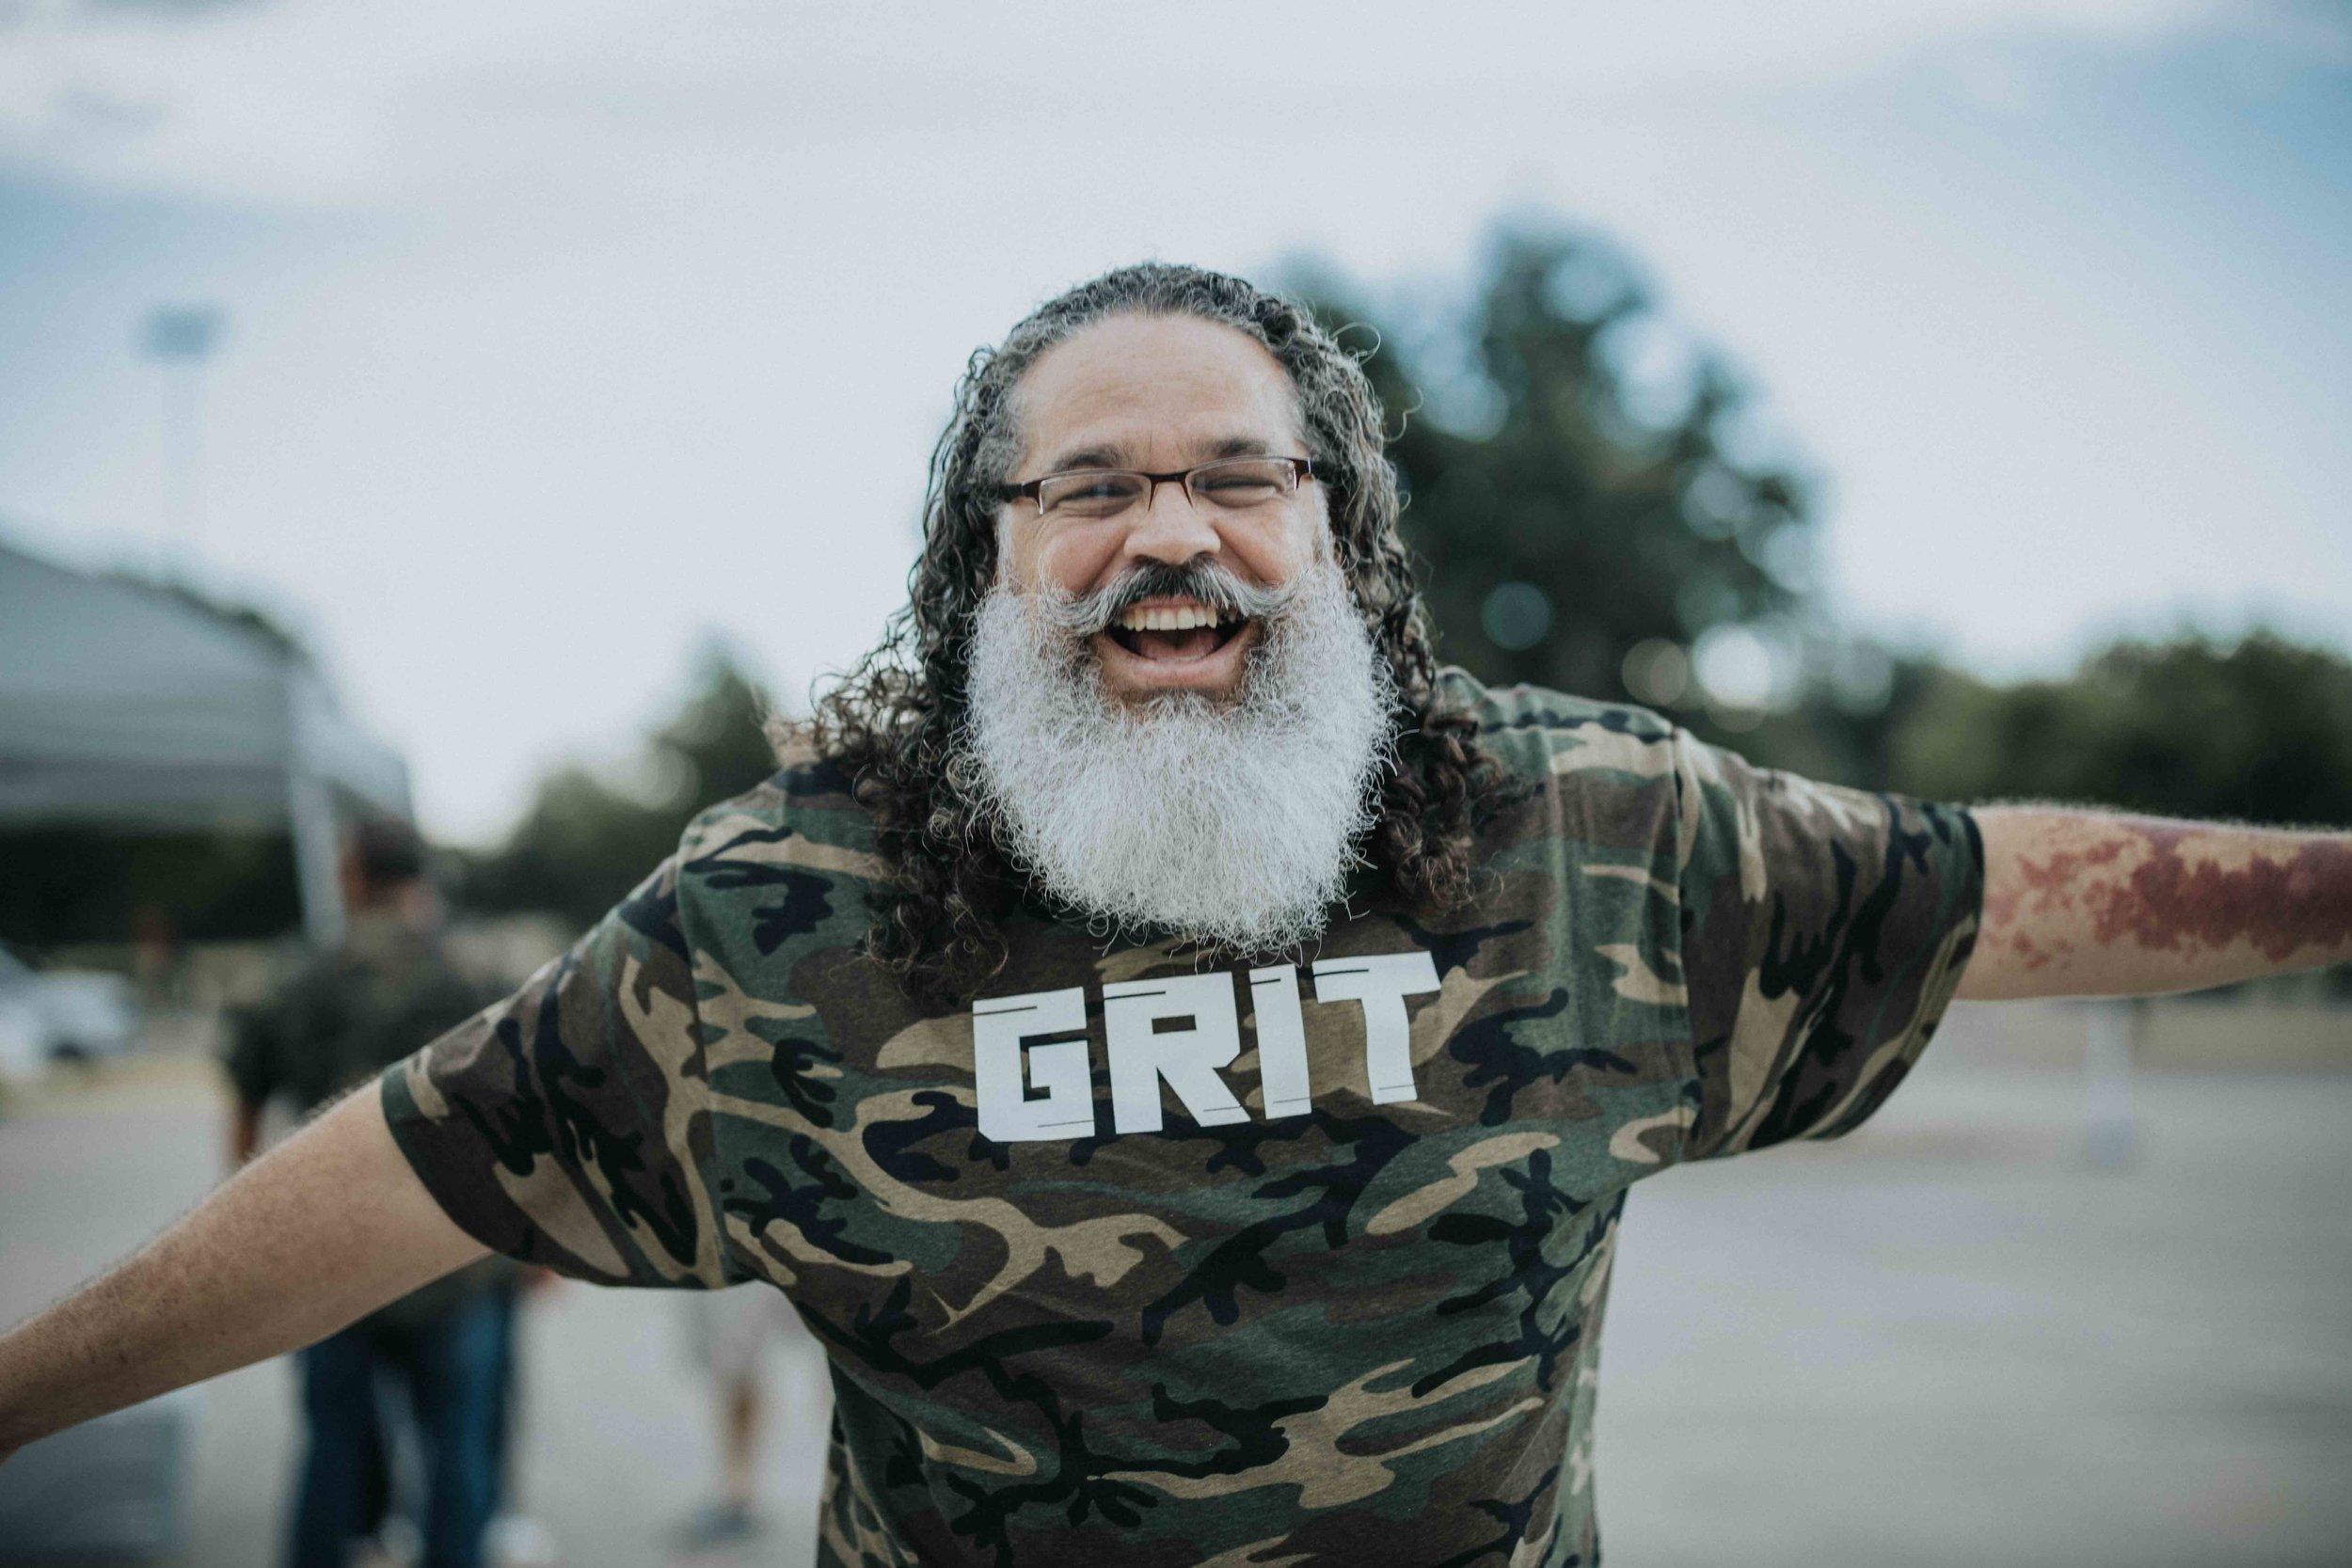 Grit-6.jpg